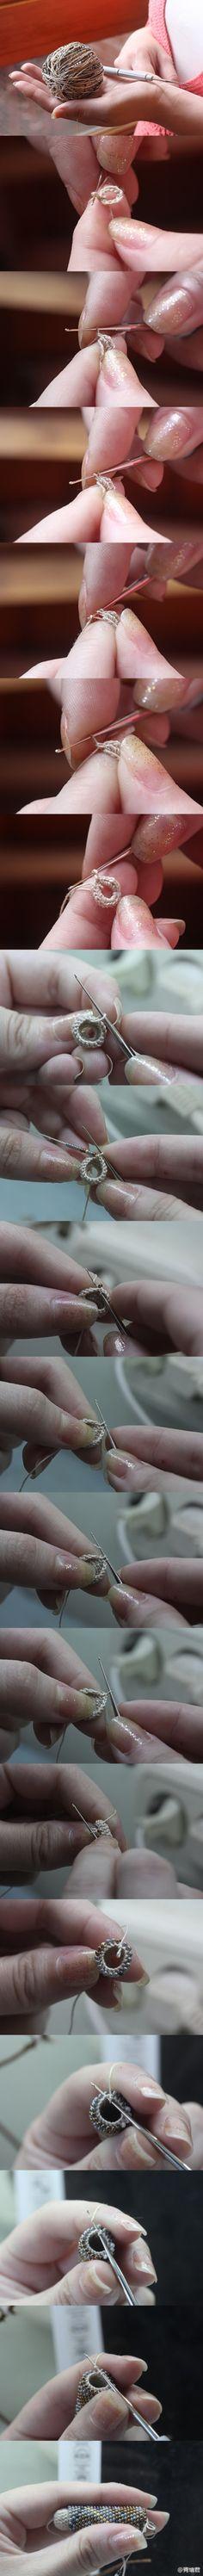 #Bead Crochet#开始想念珠钩了……这种链条,比起串得编得其实钩得反而更齐整些,就是先把珠子一口气串完这点……_(:з」∠)_,要是想再拼个什么图案出来?数珠子这步就累不爱……不过还是狠喜欢啦><,如果换了亮片来钩,又是另一种效果了~